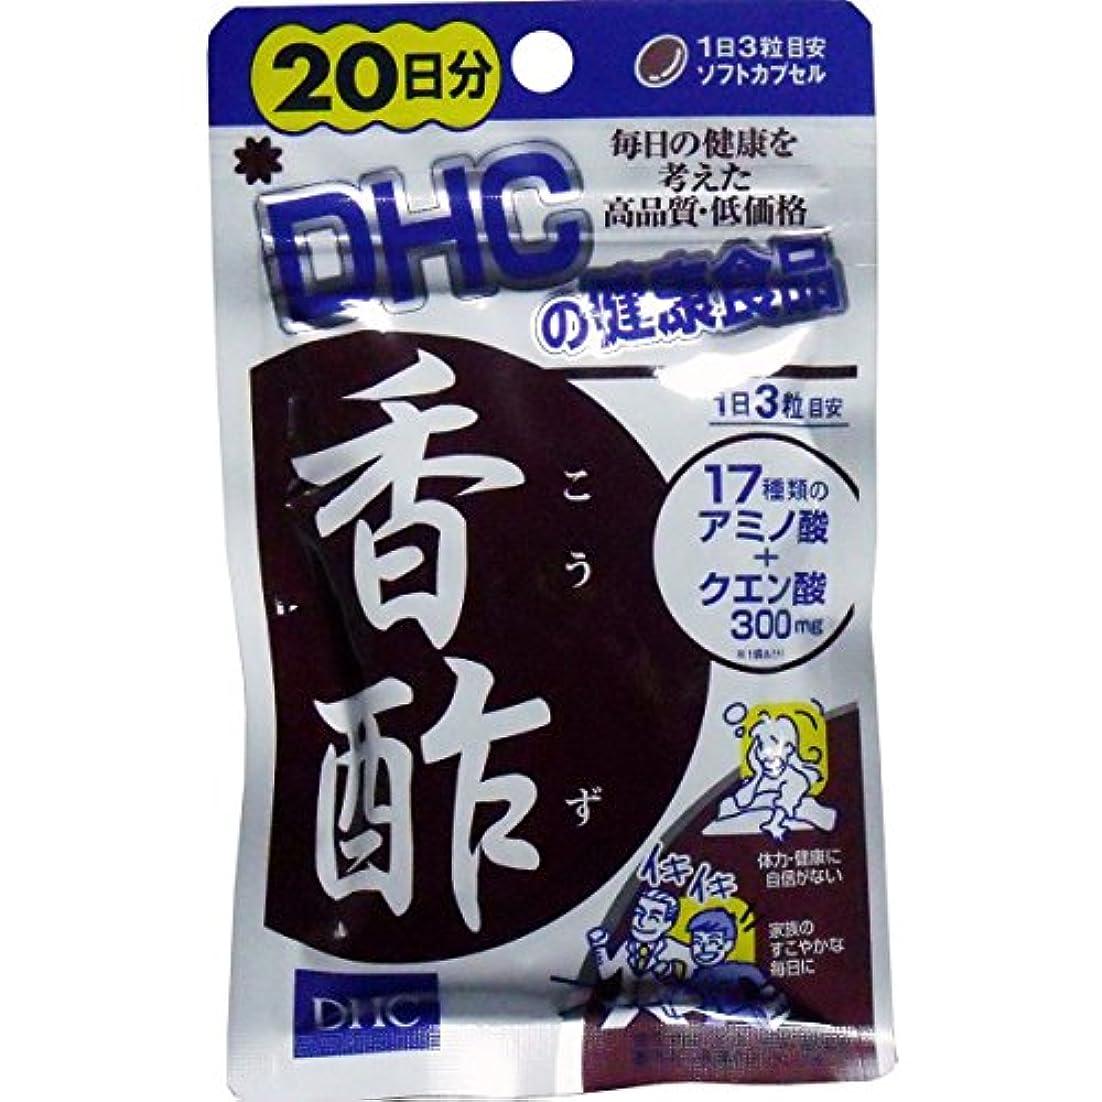 敬礼累積注目すべきDHC 香酢 20日分 60粒入